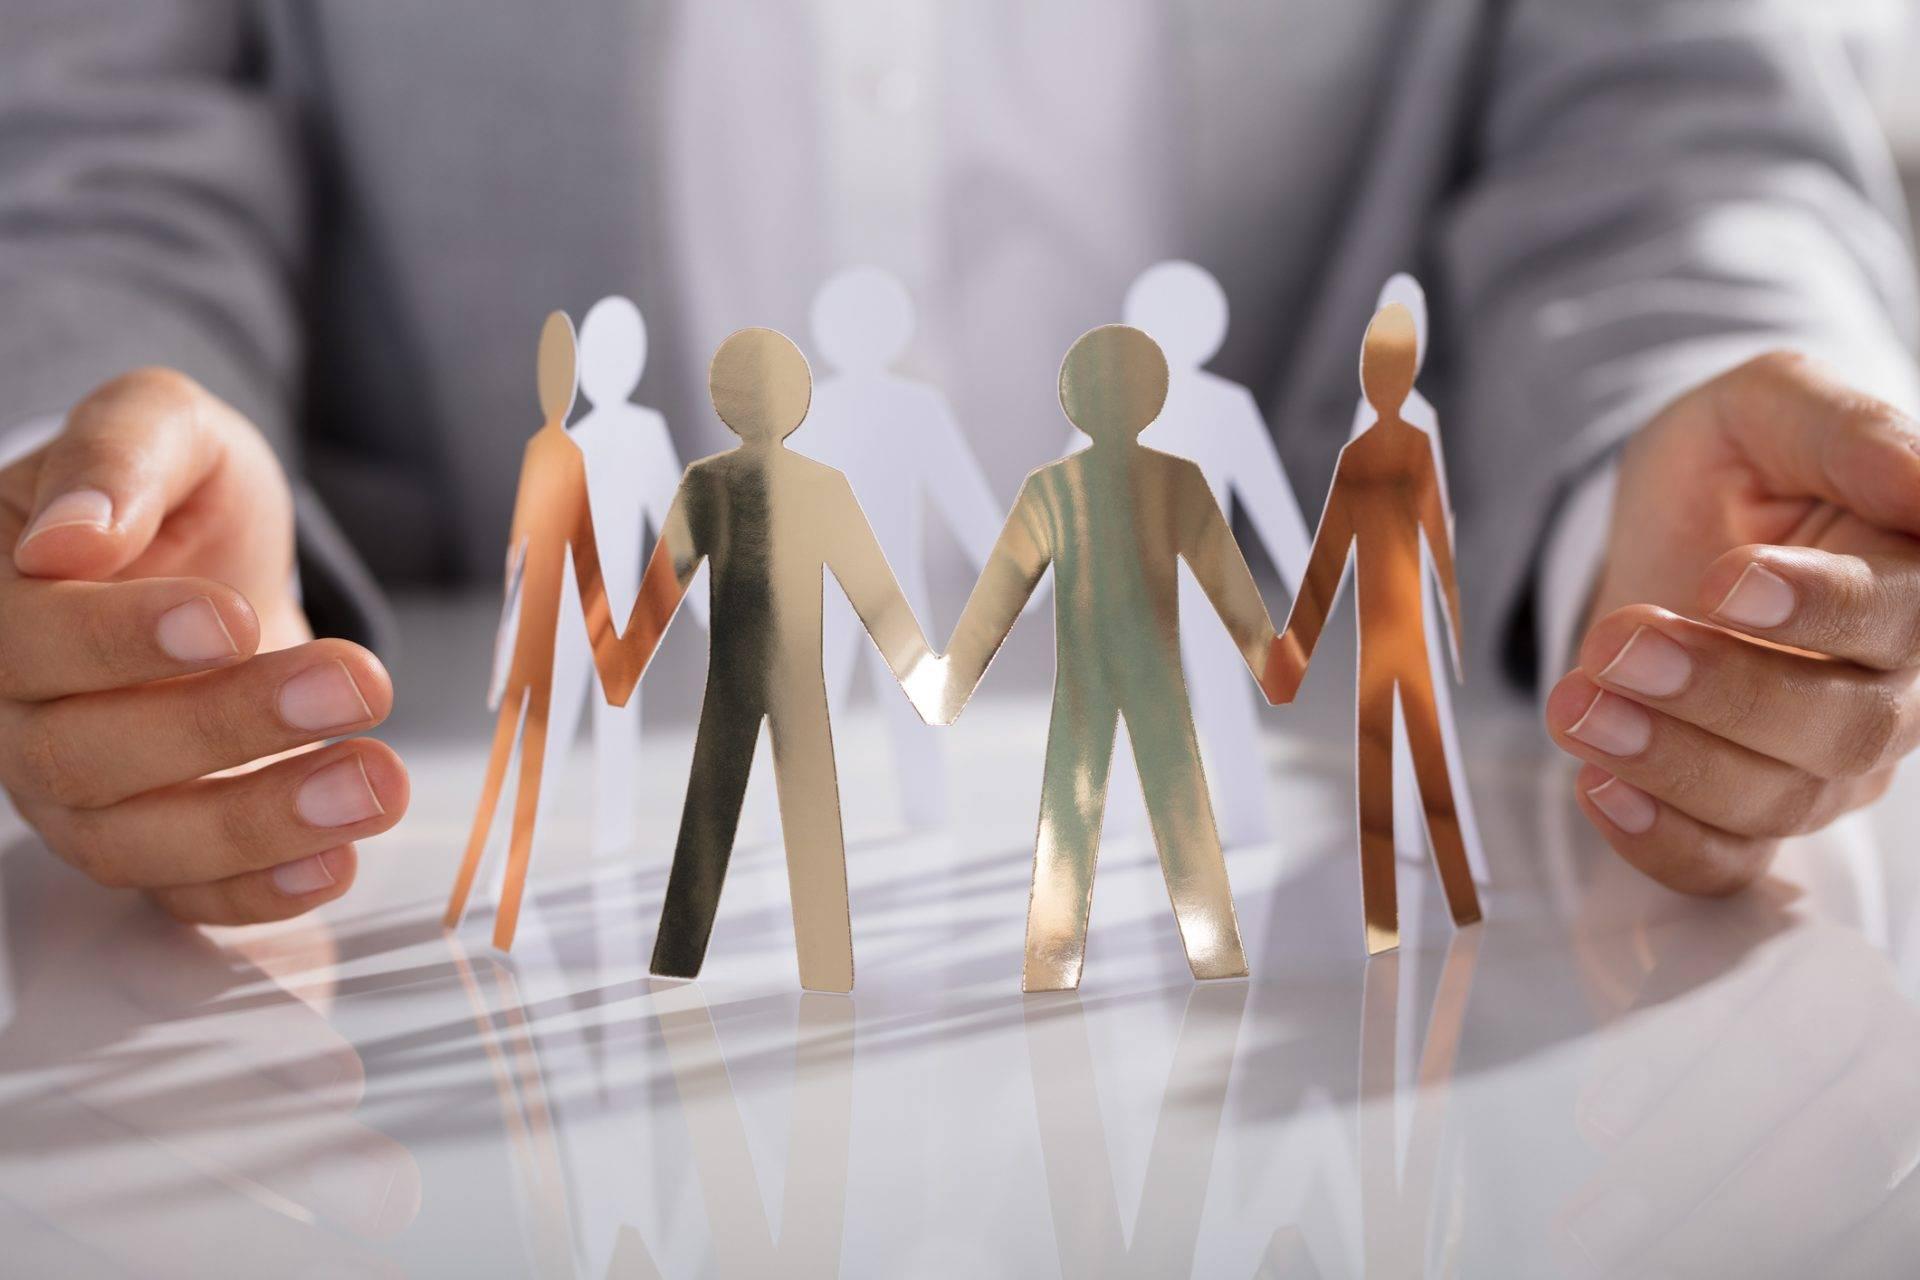 csoportkép papirbábukból, óvó, támogató kezekkel